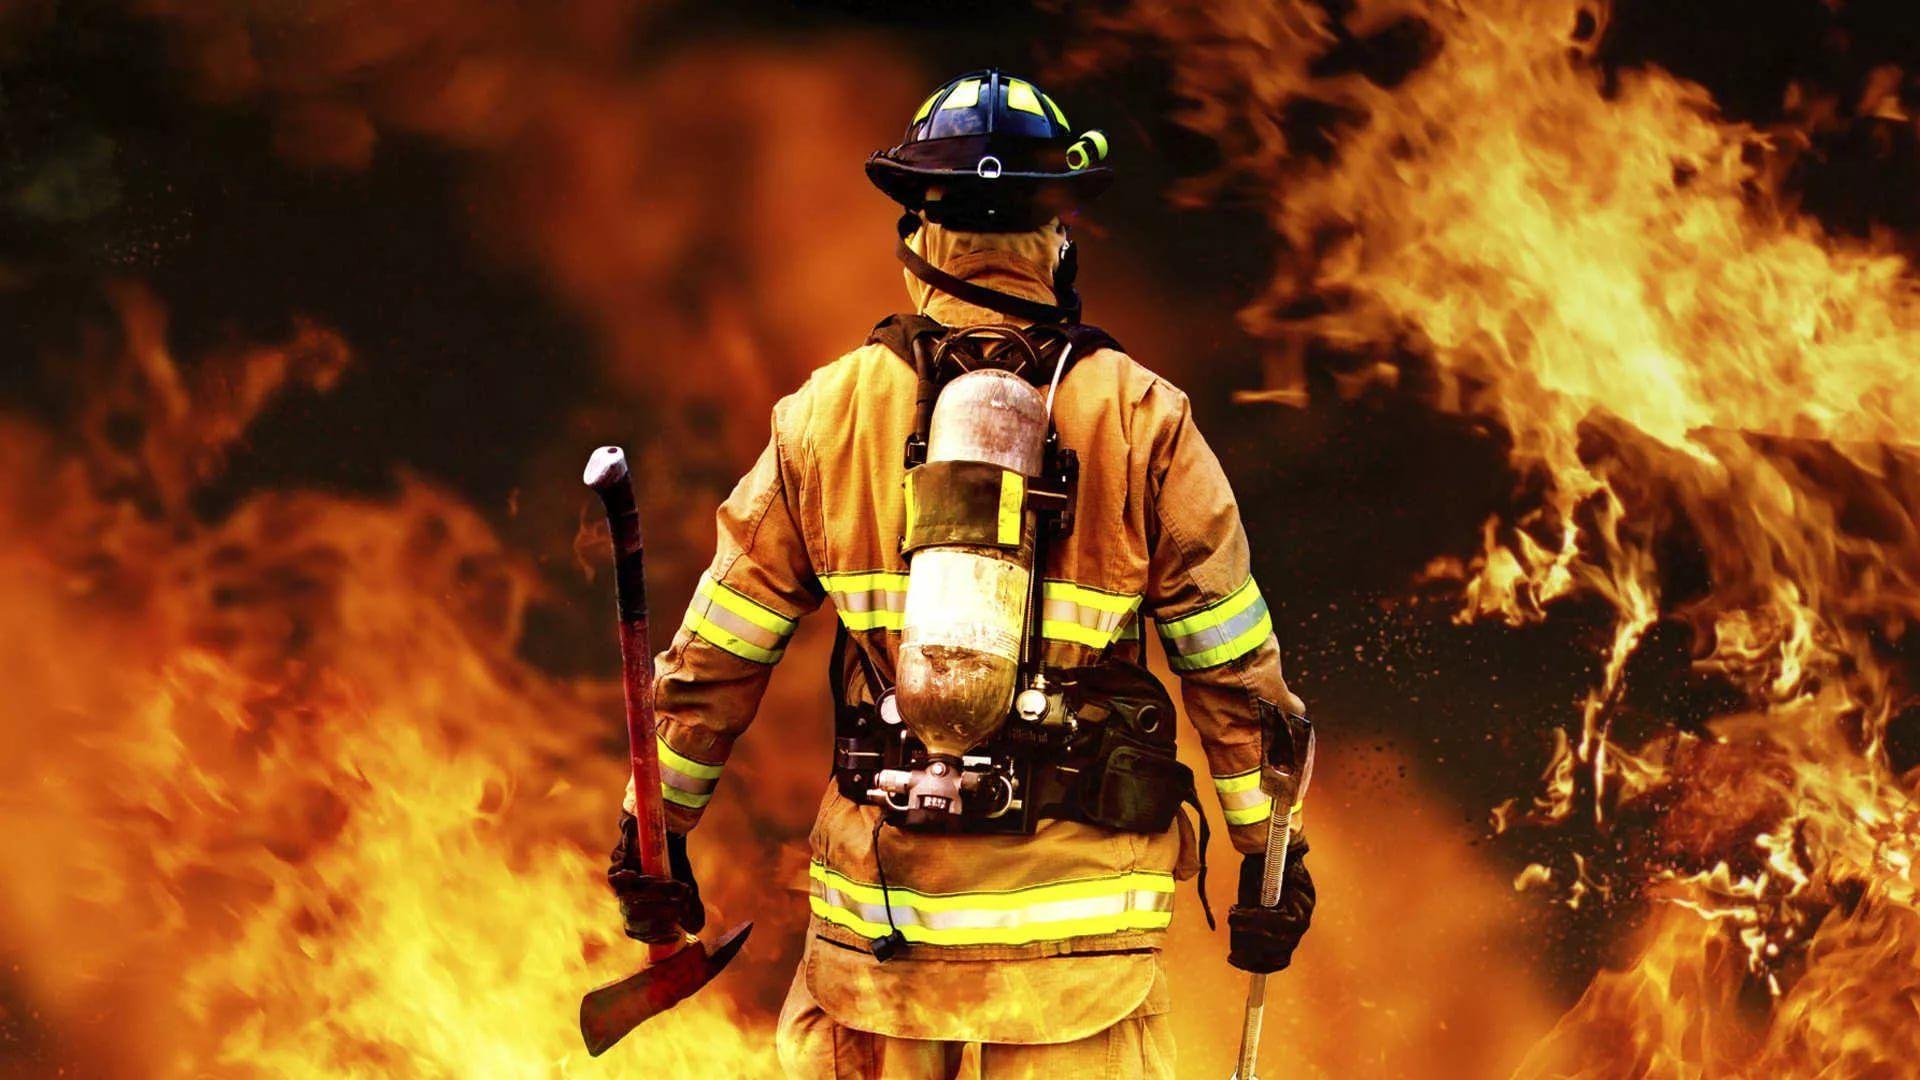 Firefighter screen wallpaper